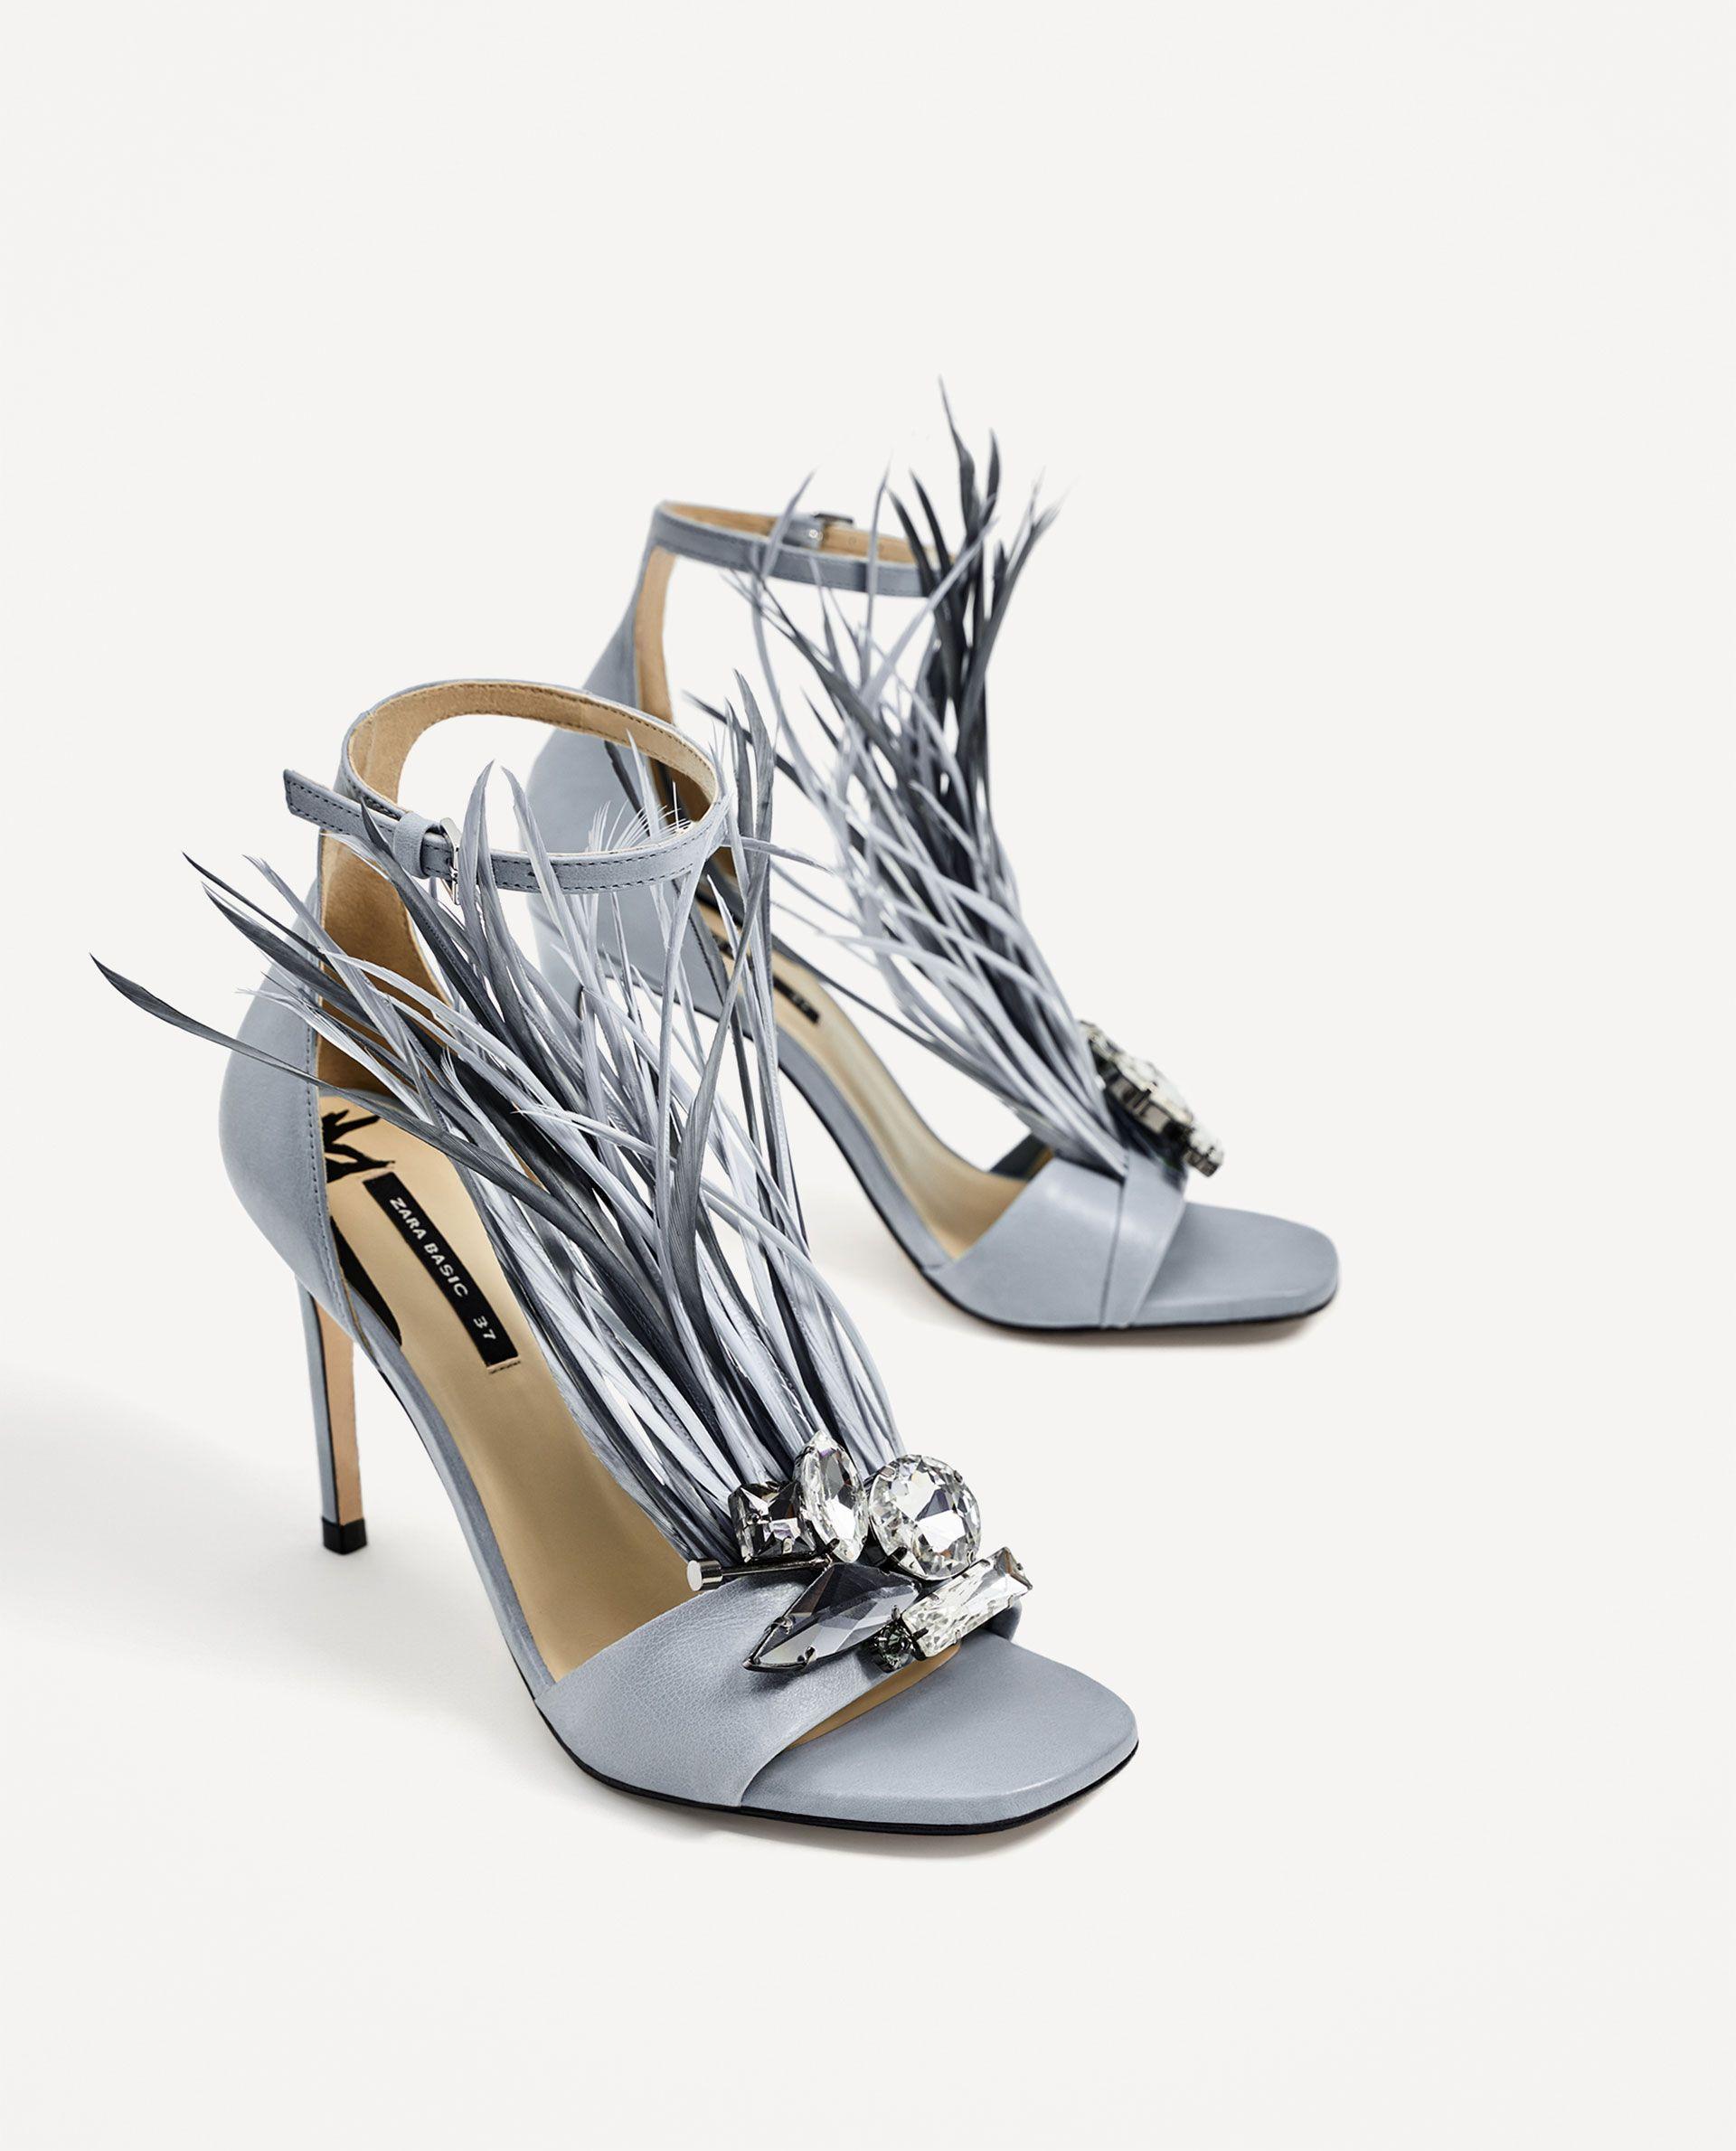 aac65744628 Sandalias ZARA con Plumas y Pedrería  sandalias  zara  zapatos  mujer  moda   shoes